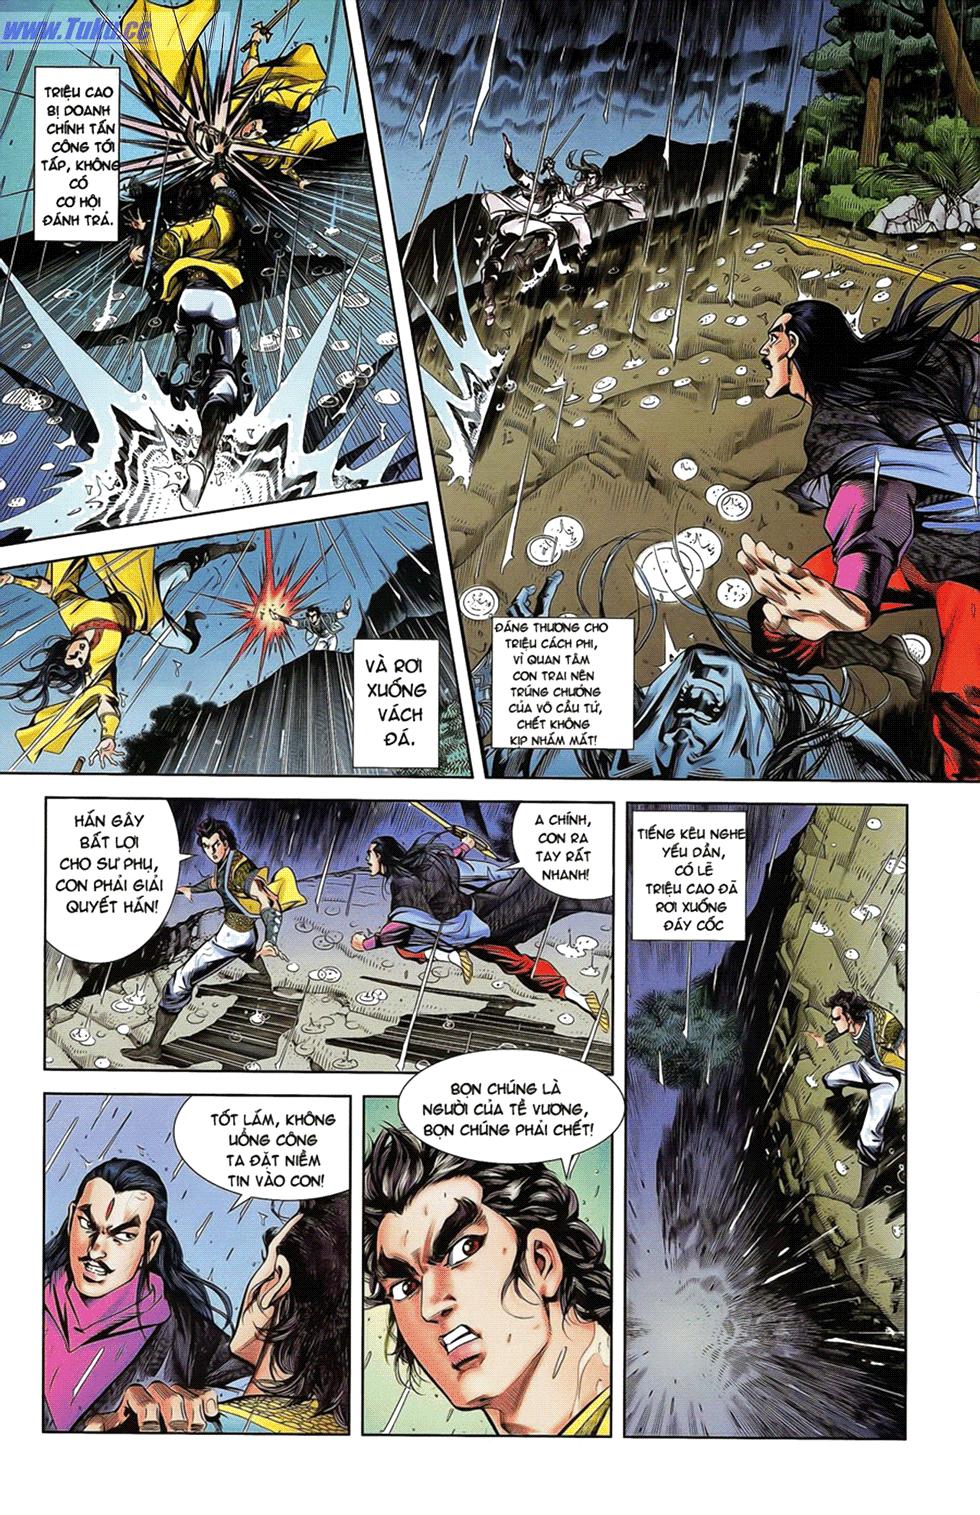 Tần Vương Doanh Chính chapter 18 trang 5